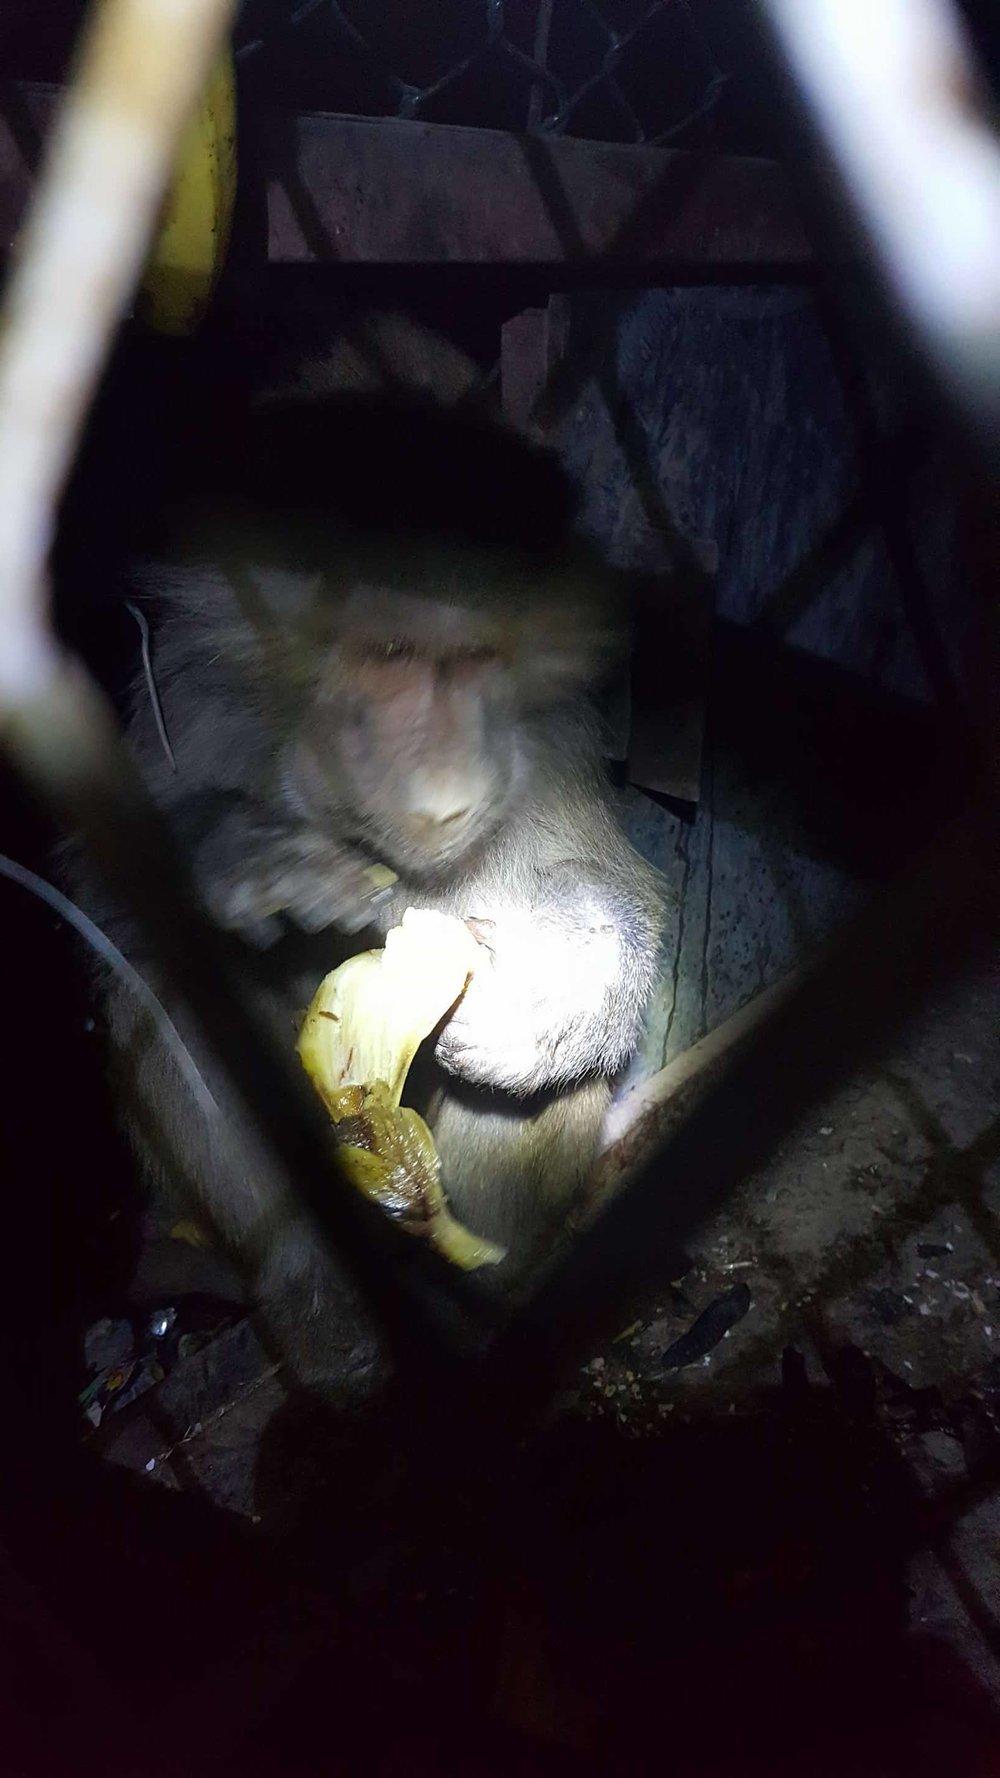 Ibb Zoo nighttime feed OWAPAR 20 dec 2017 baboon with our banana.jpg